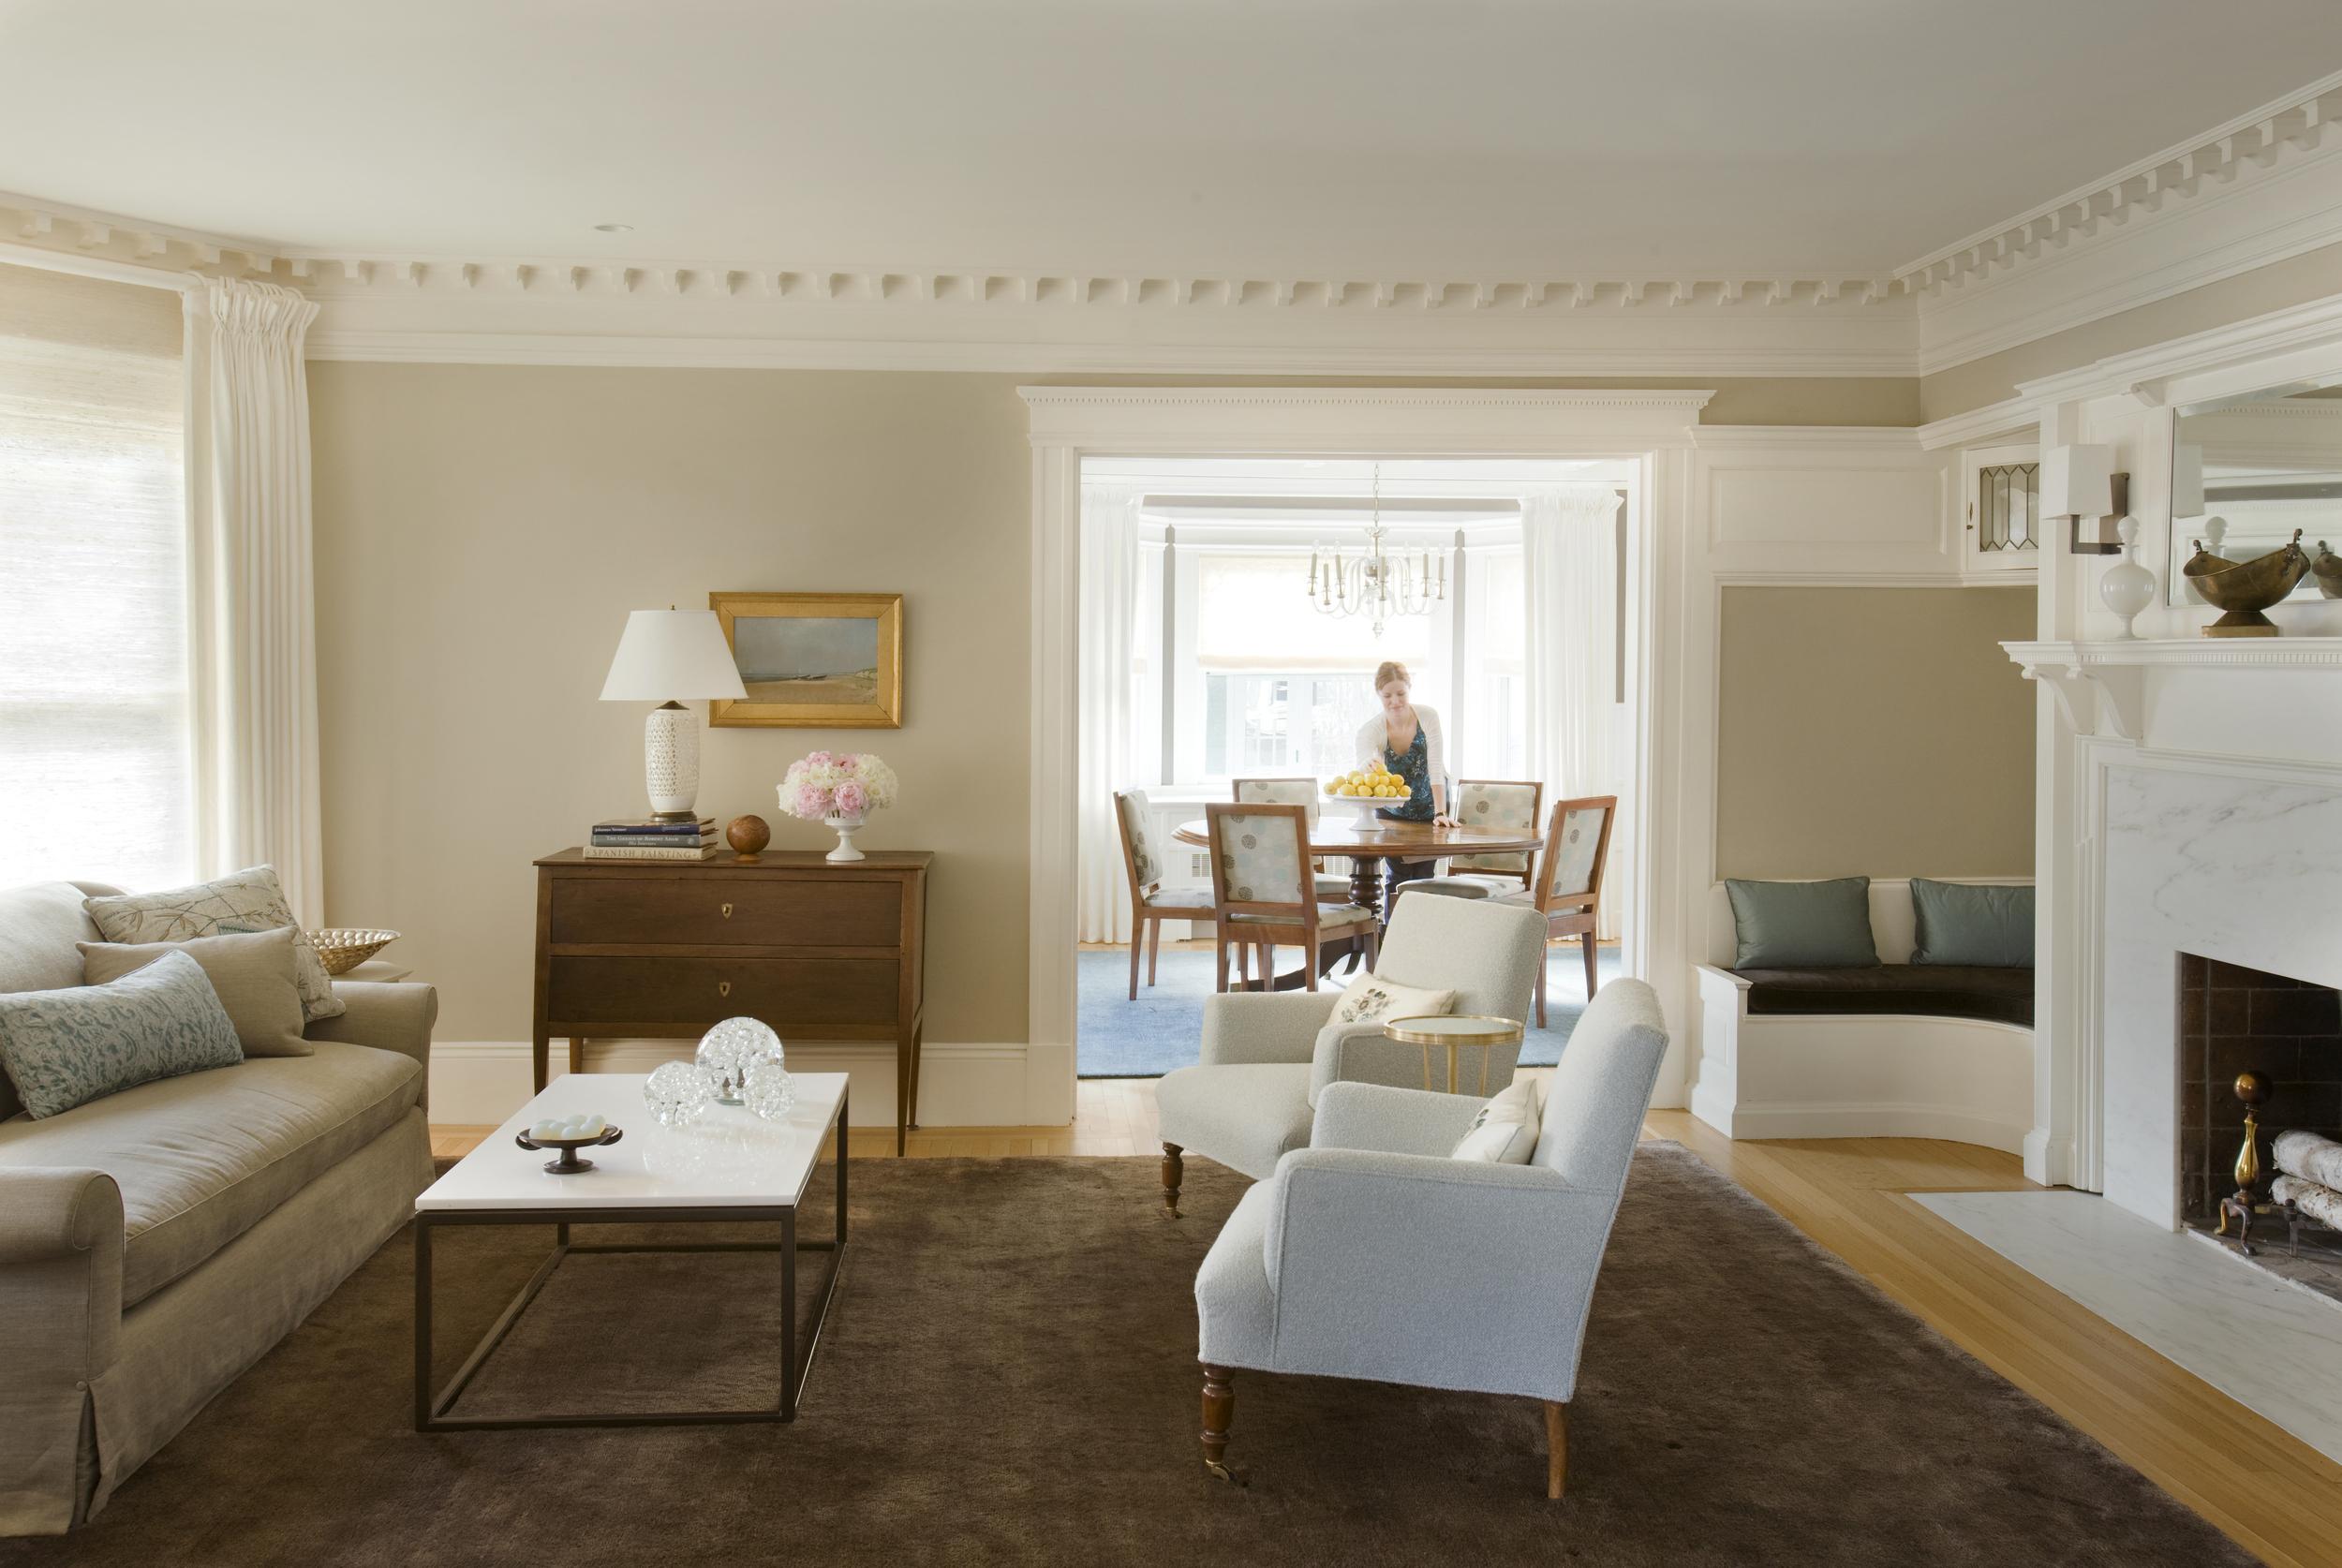 DNE Christine Lane view from livingroom to diningroom.jpg